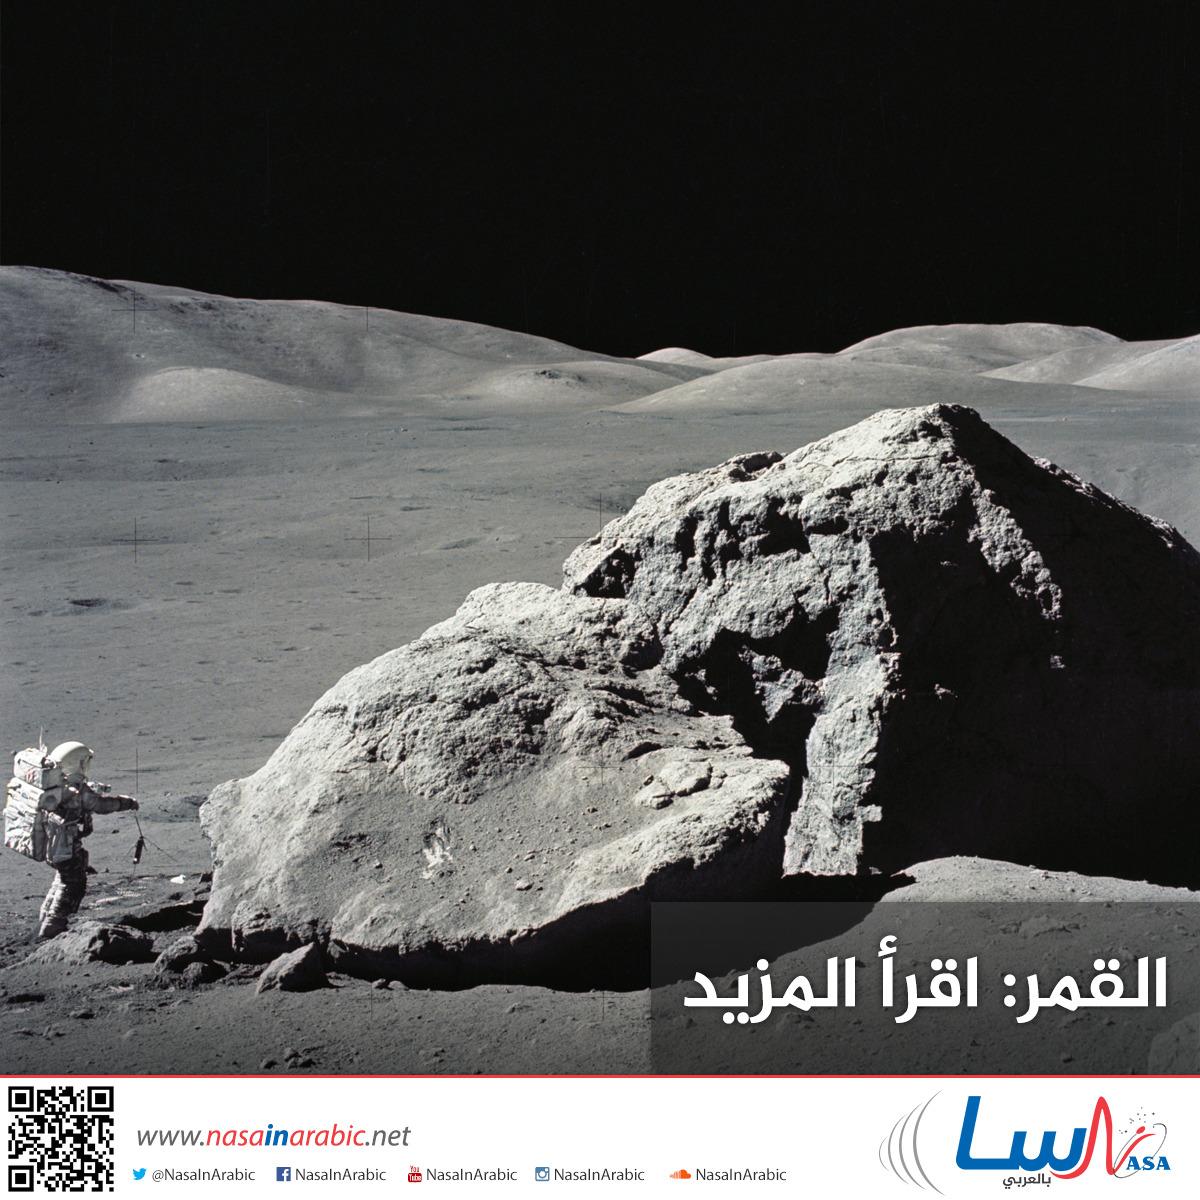 القمر: اقرأ المزيد